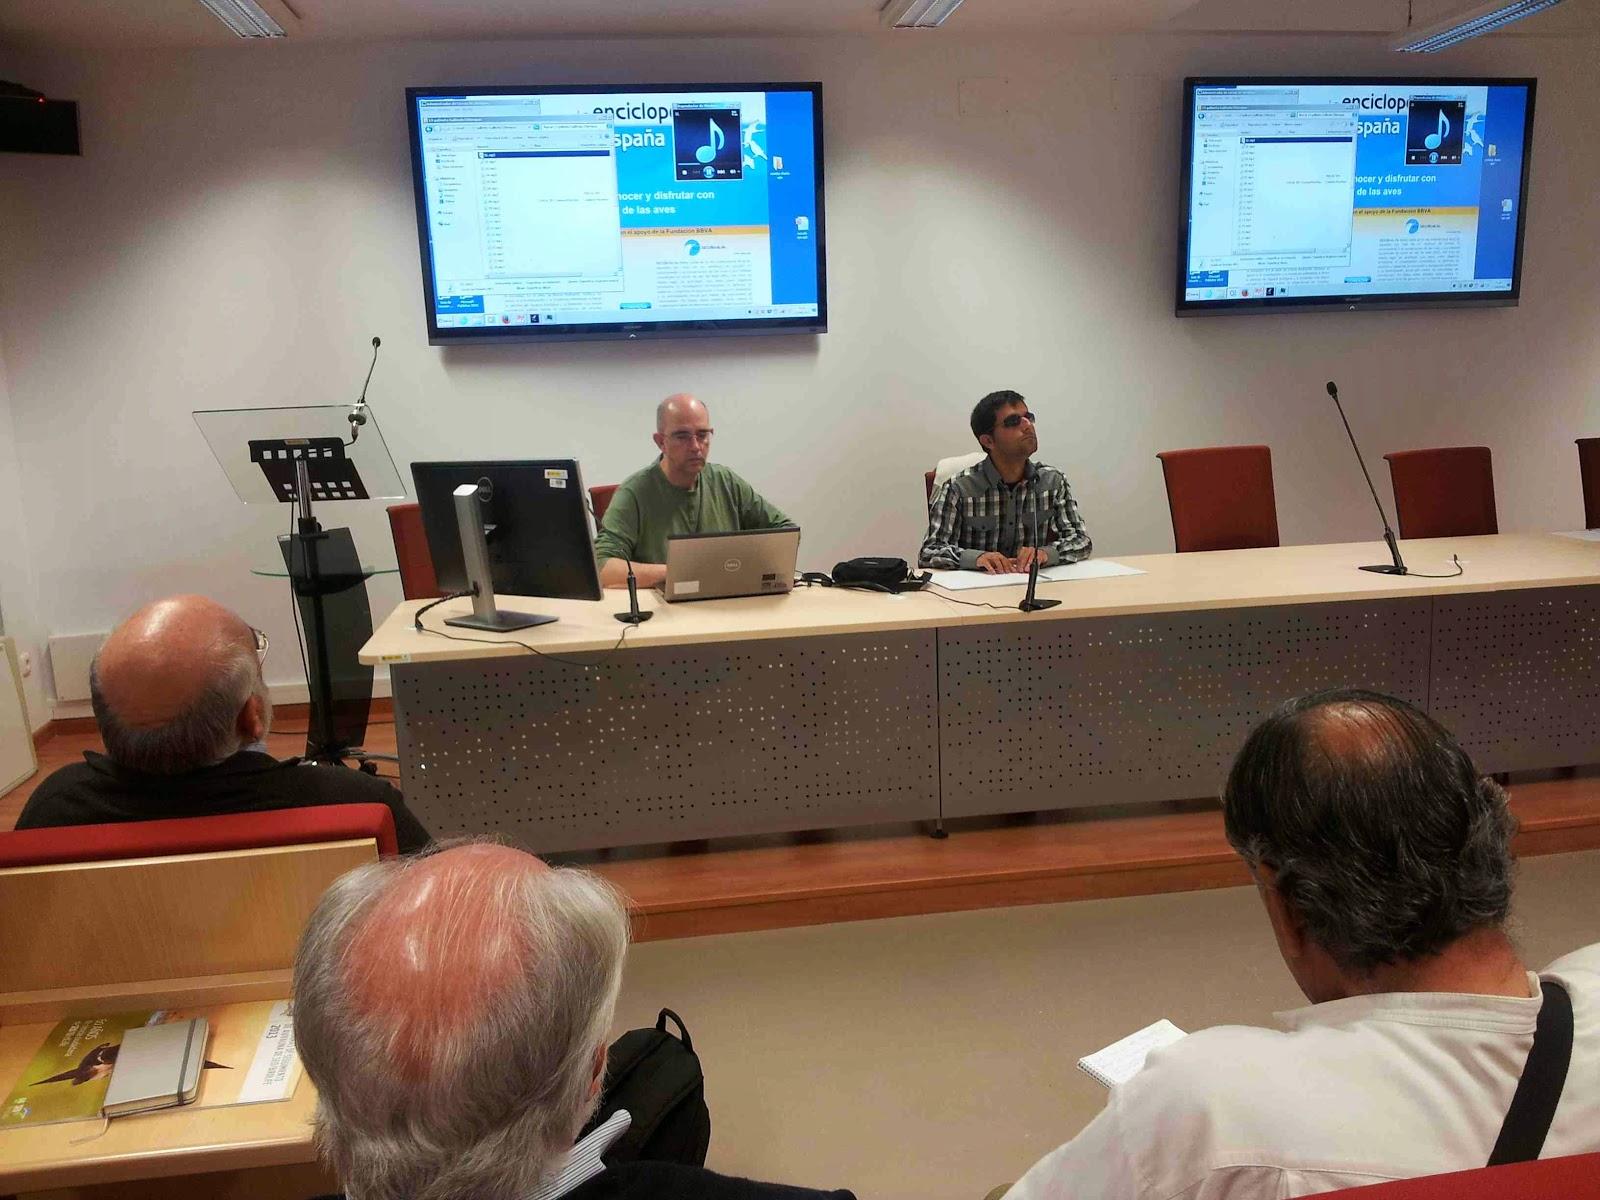 Curso sobre identificación de cantos de aves, 17 de abril de 2015. Organiza SEO/BirdLife en la Universidad Pablo de Olavide.